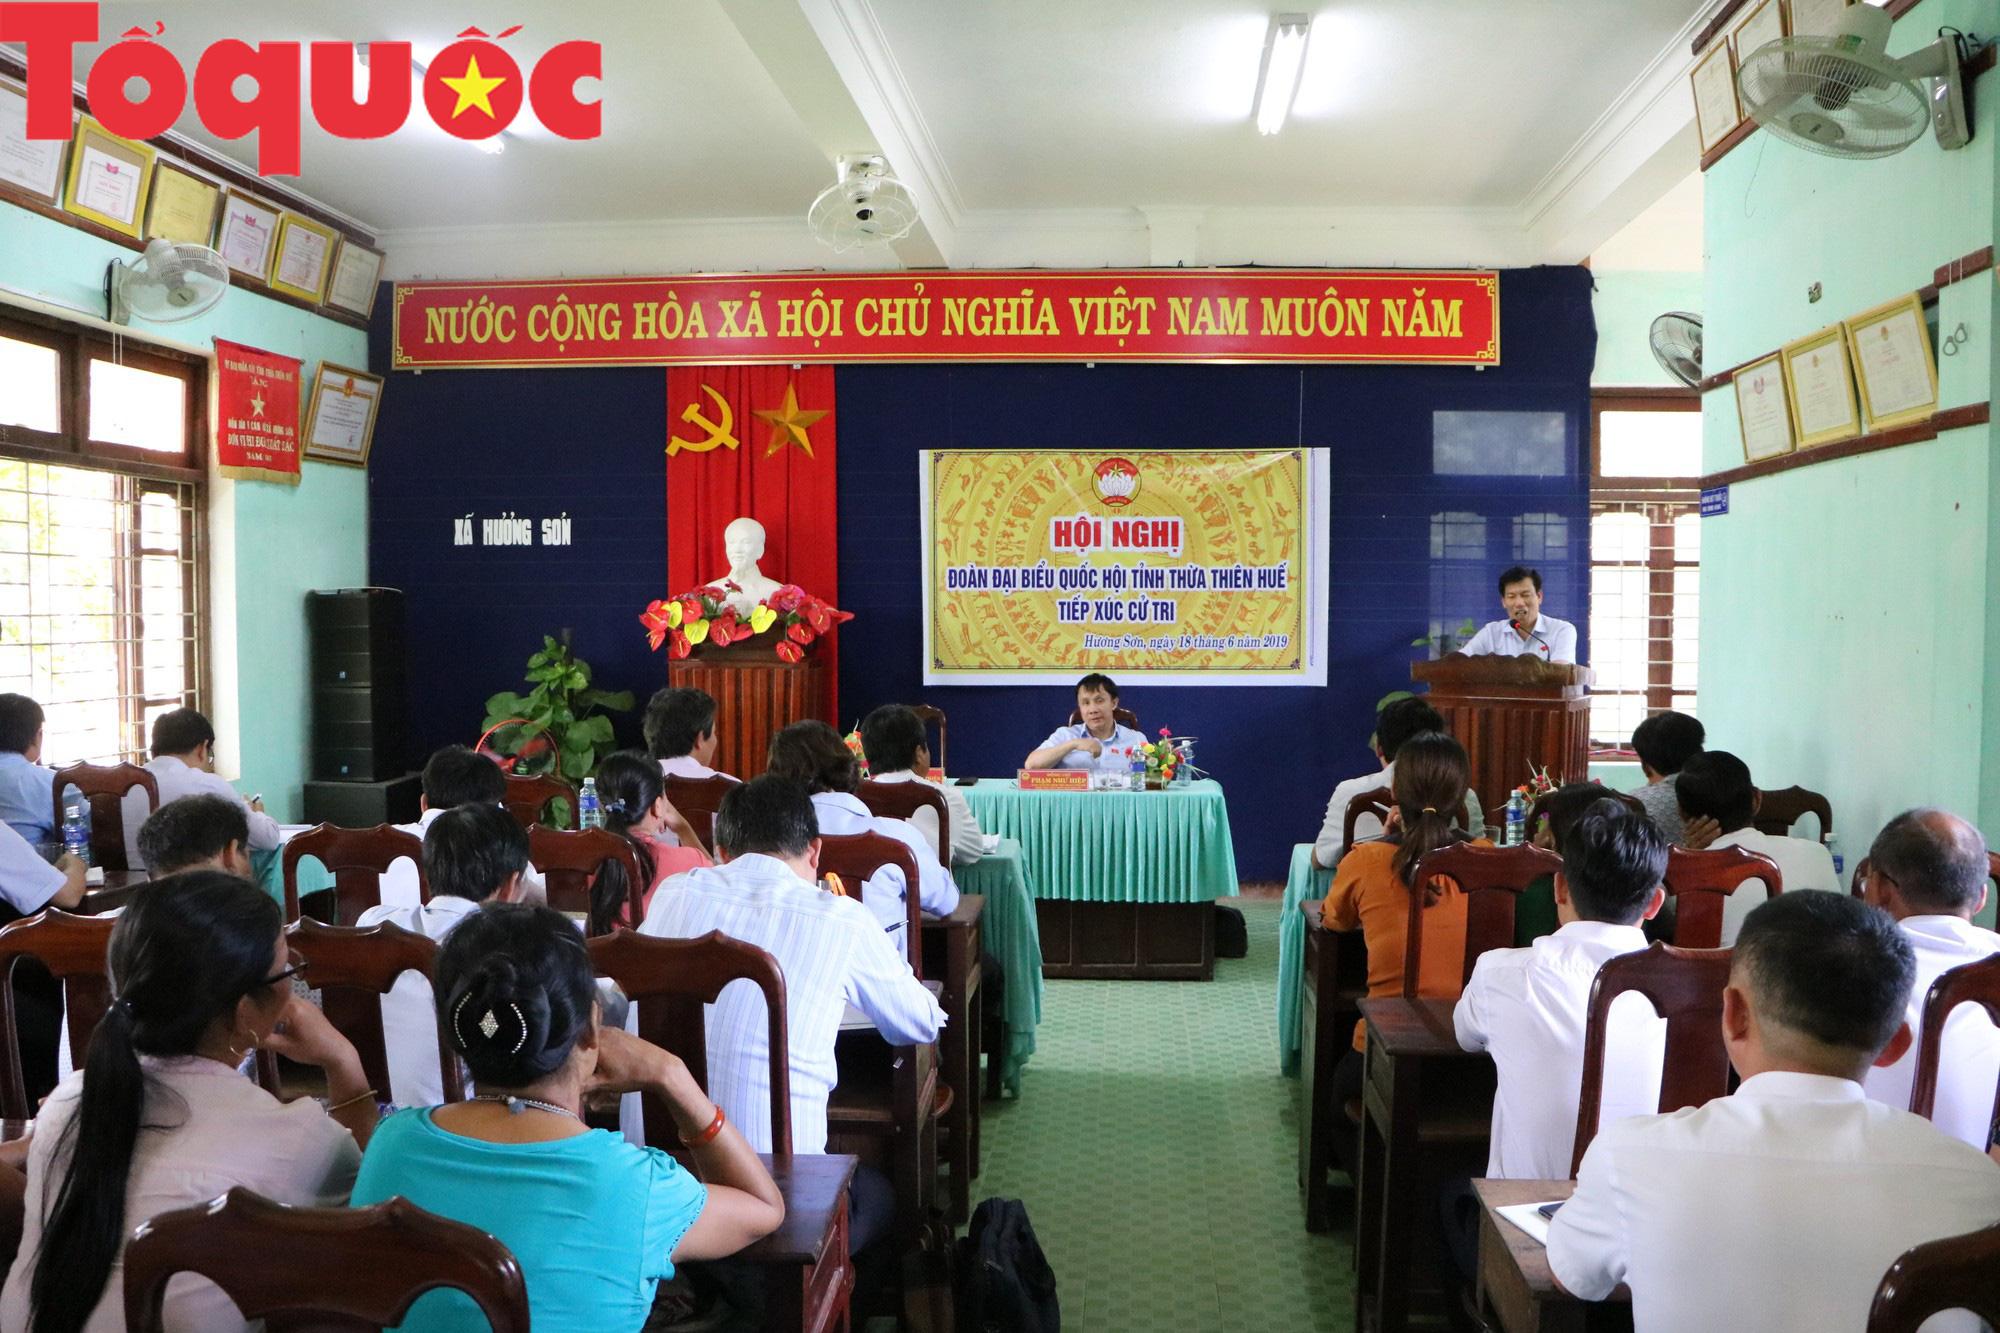 Bộ trưởng Nguyễn Ngọc Thiện: Đảng và Nhà nước rất quan tâm và kiên quyết xử lý các tệ nạn xã hội - Ảnh 3.